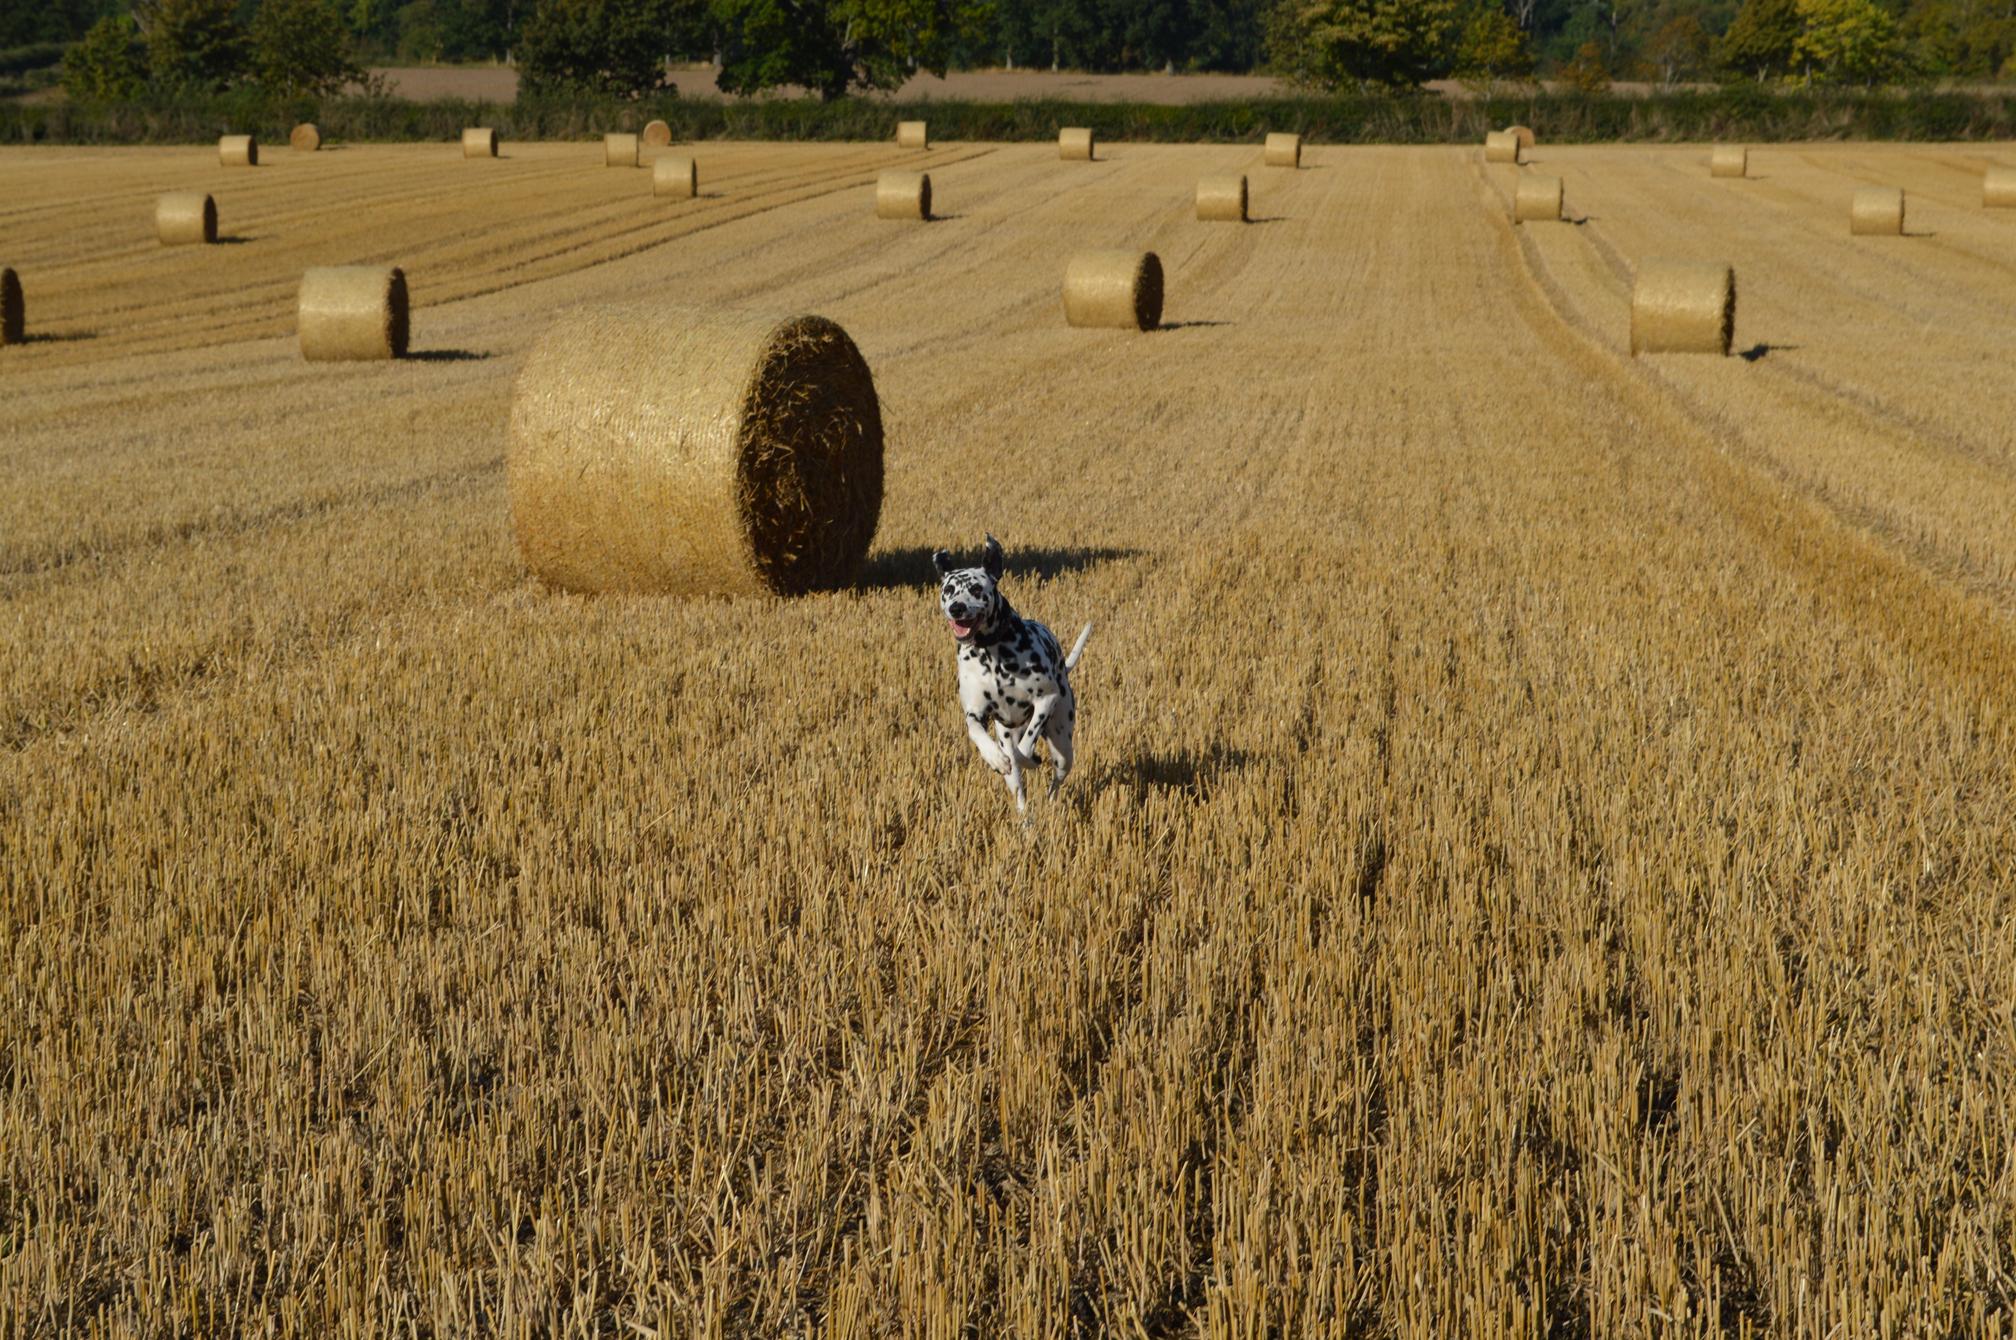 Dog and hay bales